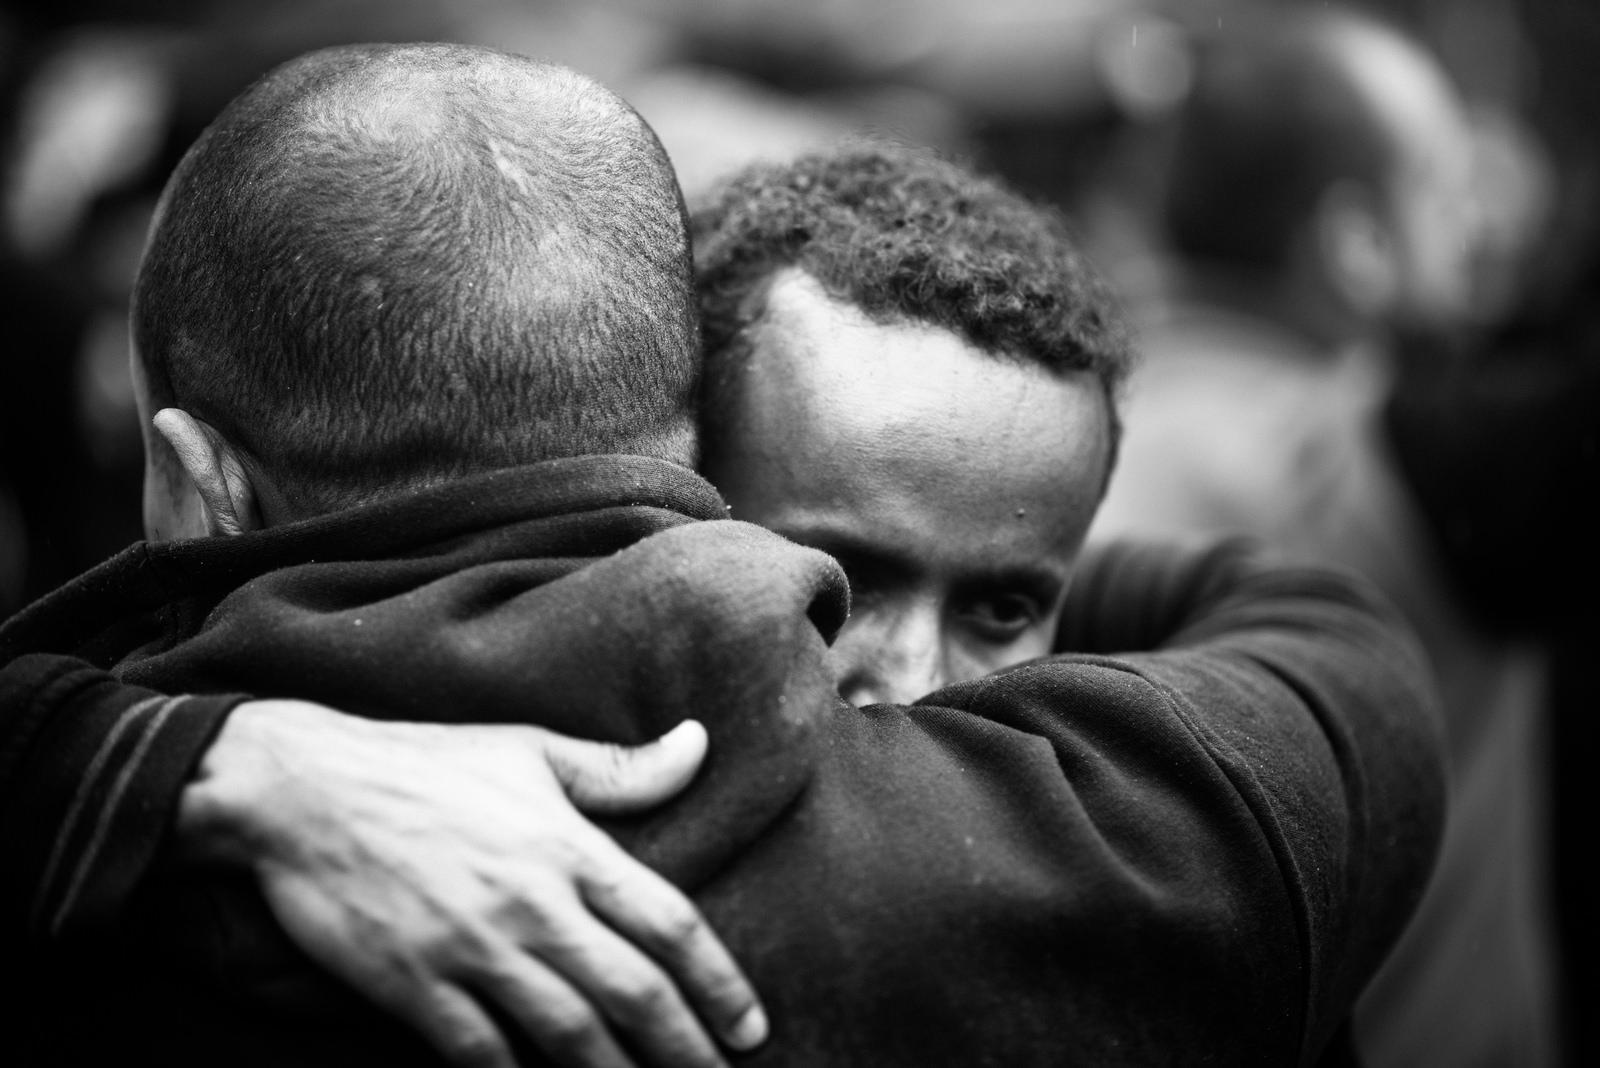 """"""" Together """" by  Zuerichs Strassen  is licensed under  CC BY 2.0."""